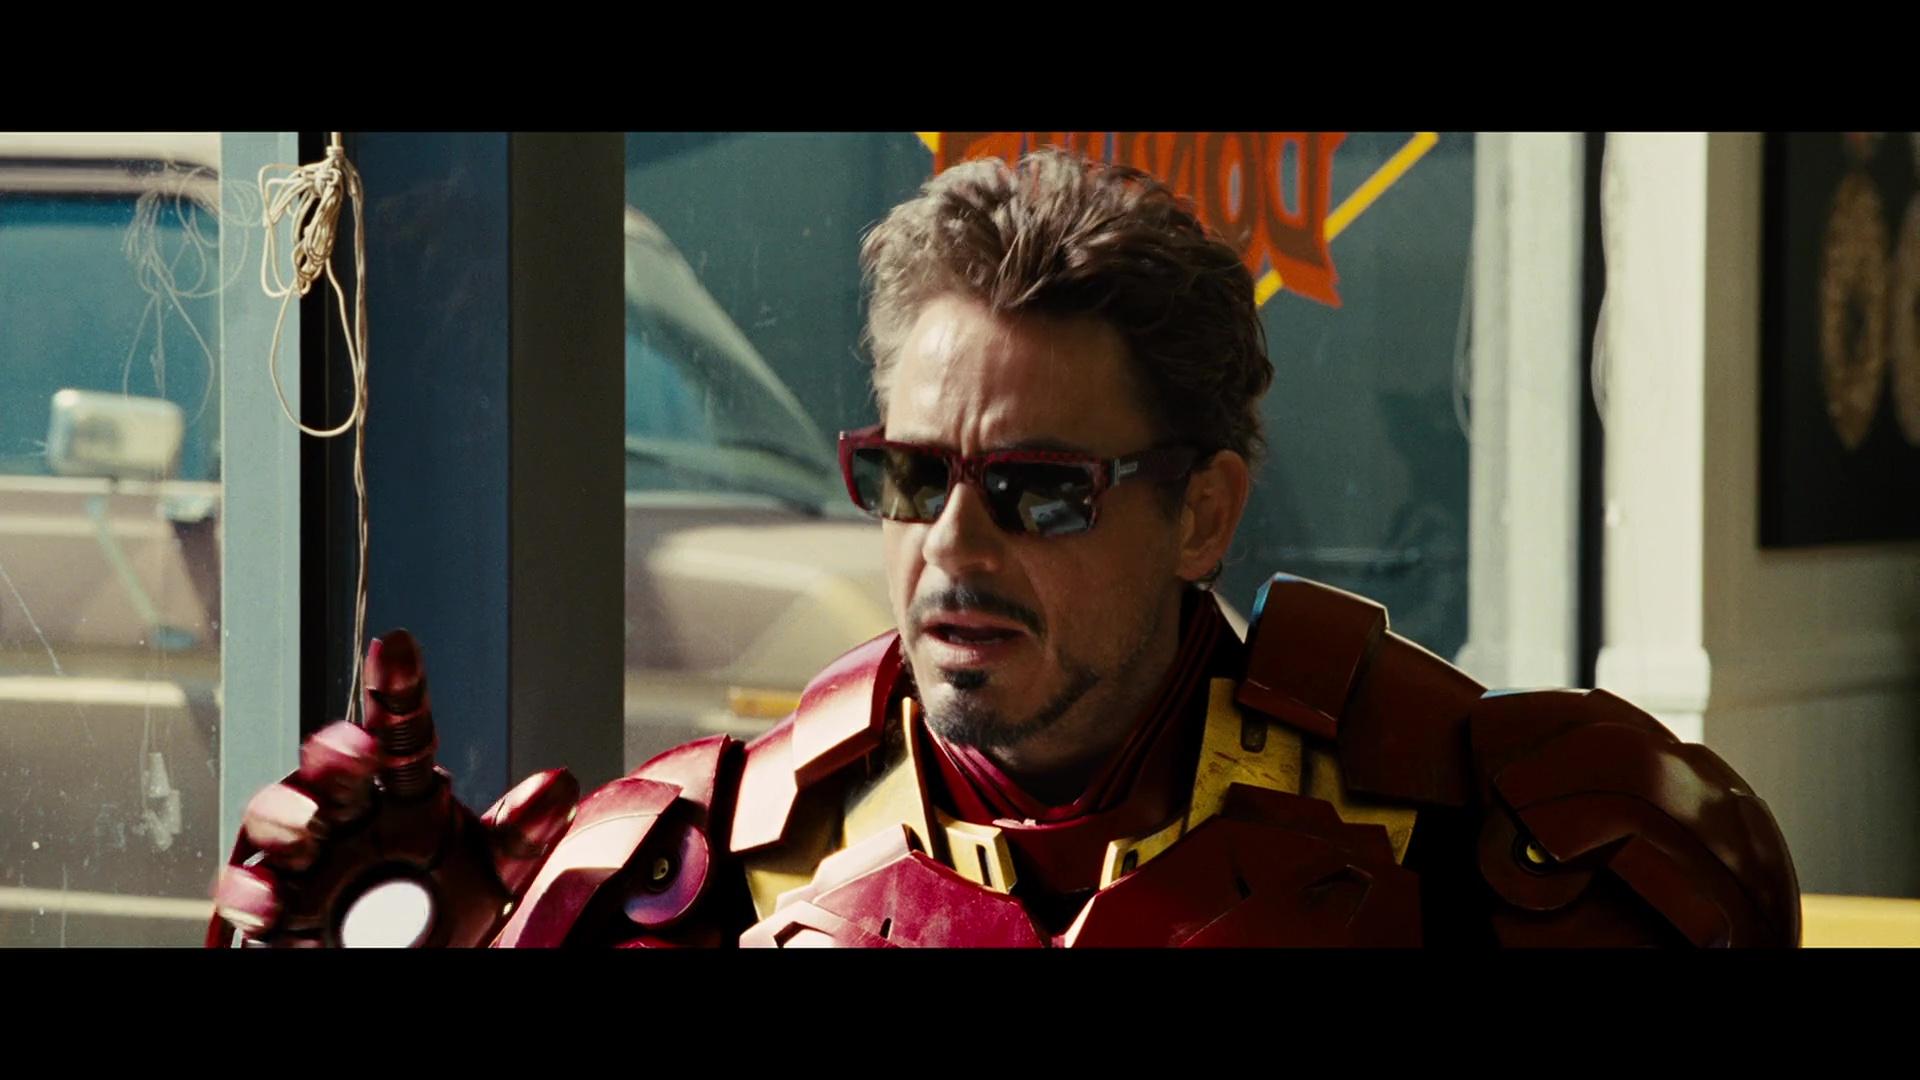 Iron Man 2 1080p Lat-Cast-Ing 5.1 (2010)